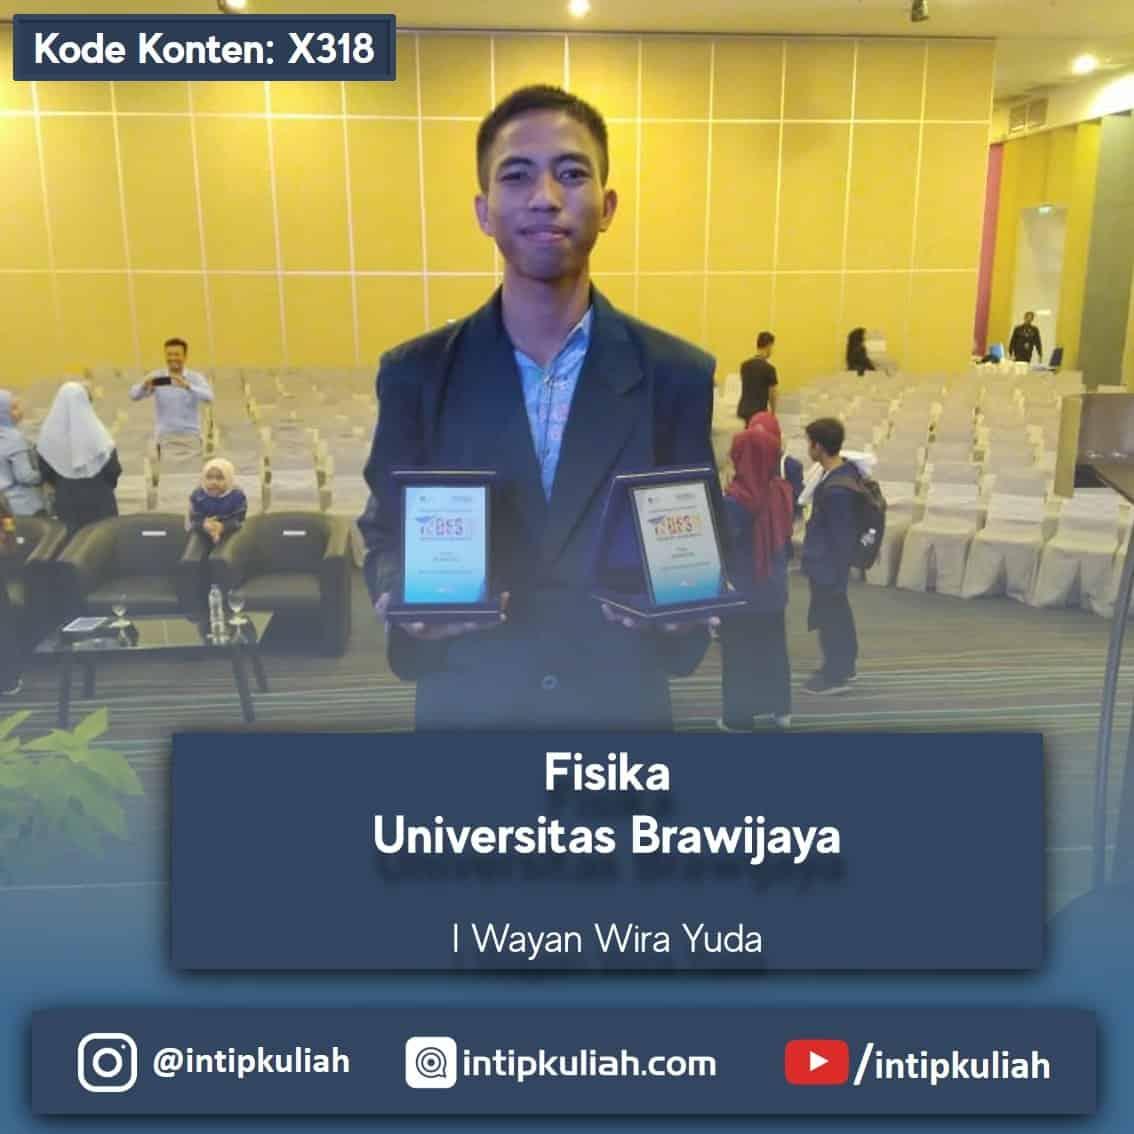 Fisika Universitas Brawijaya (Yuda)